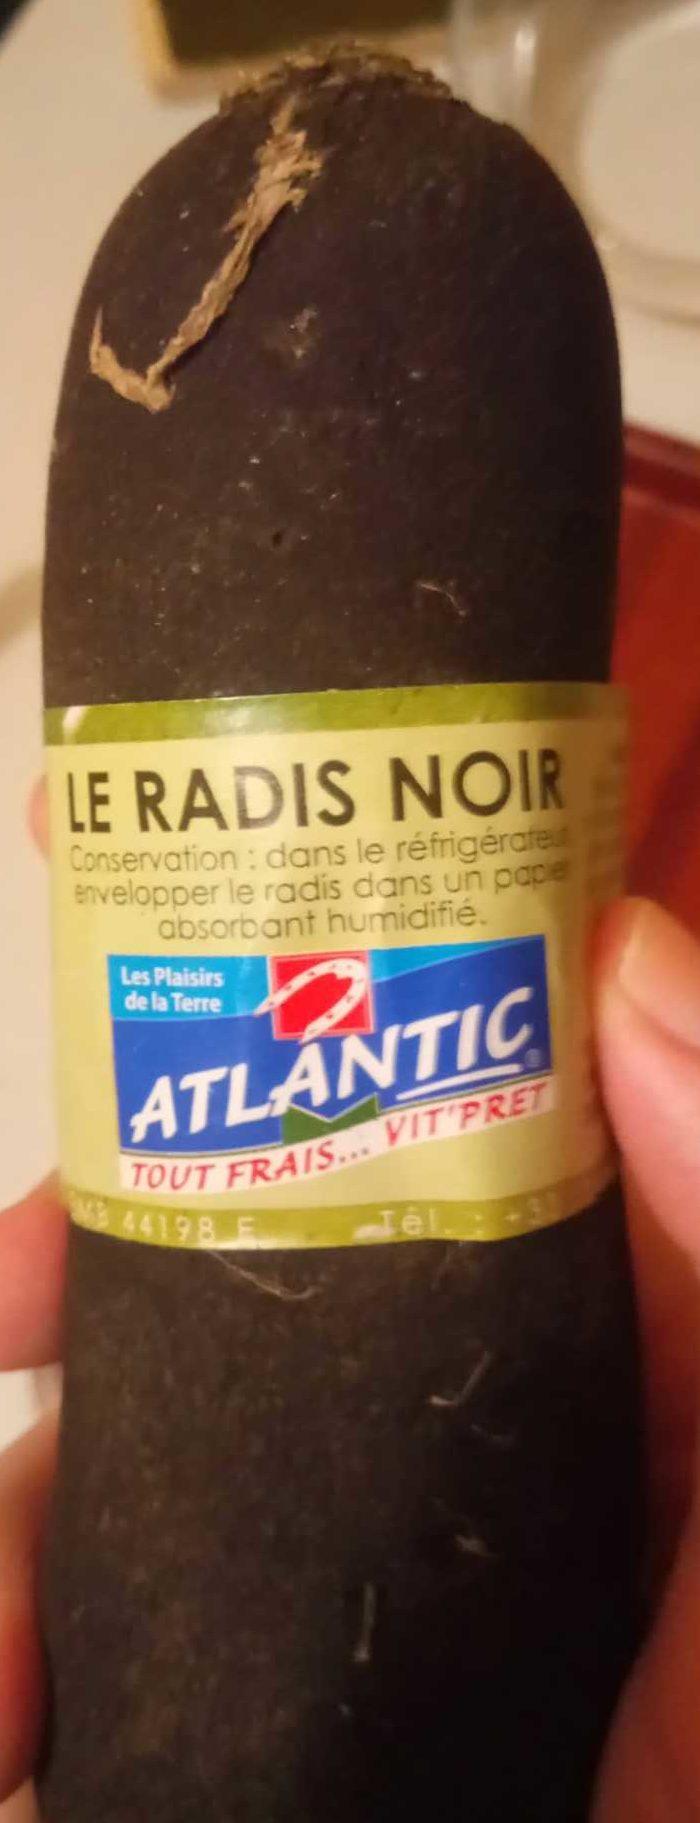 Le radis noir - Produit - fr